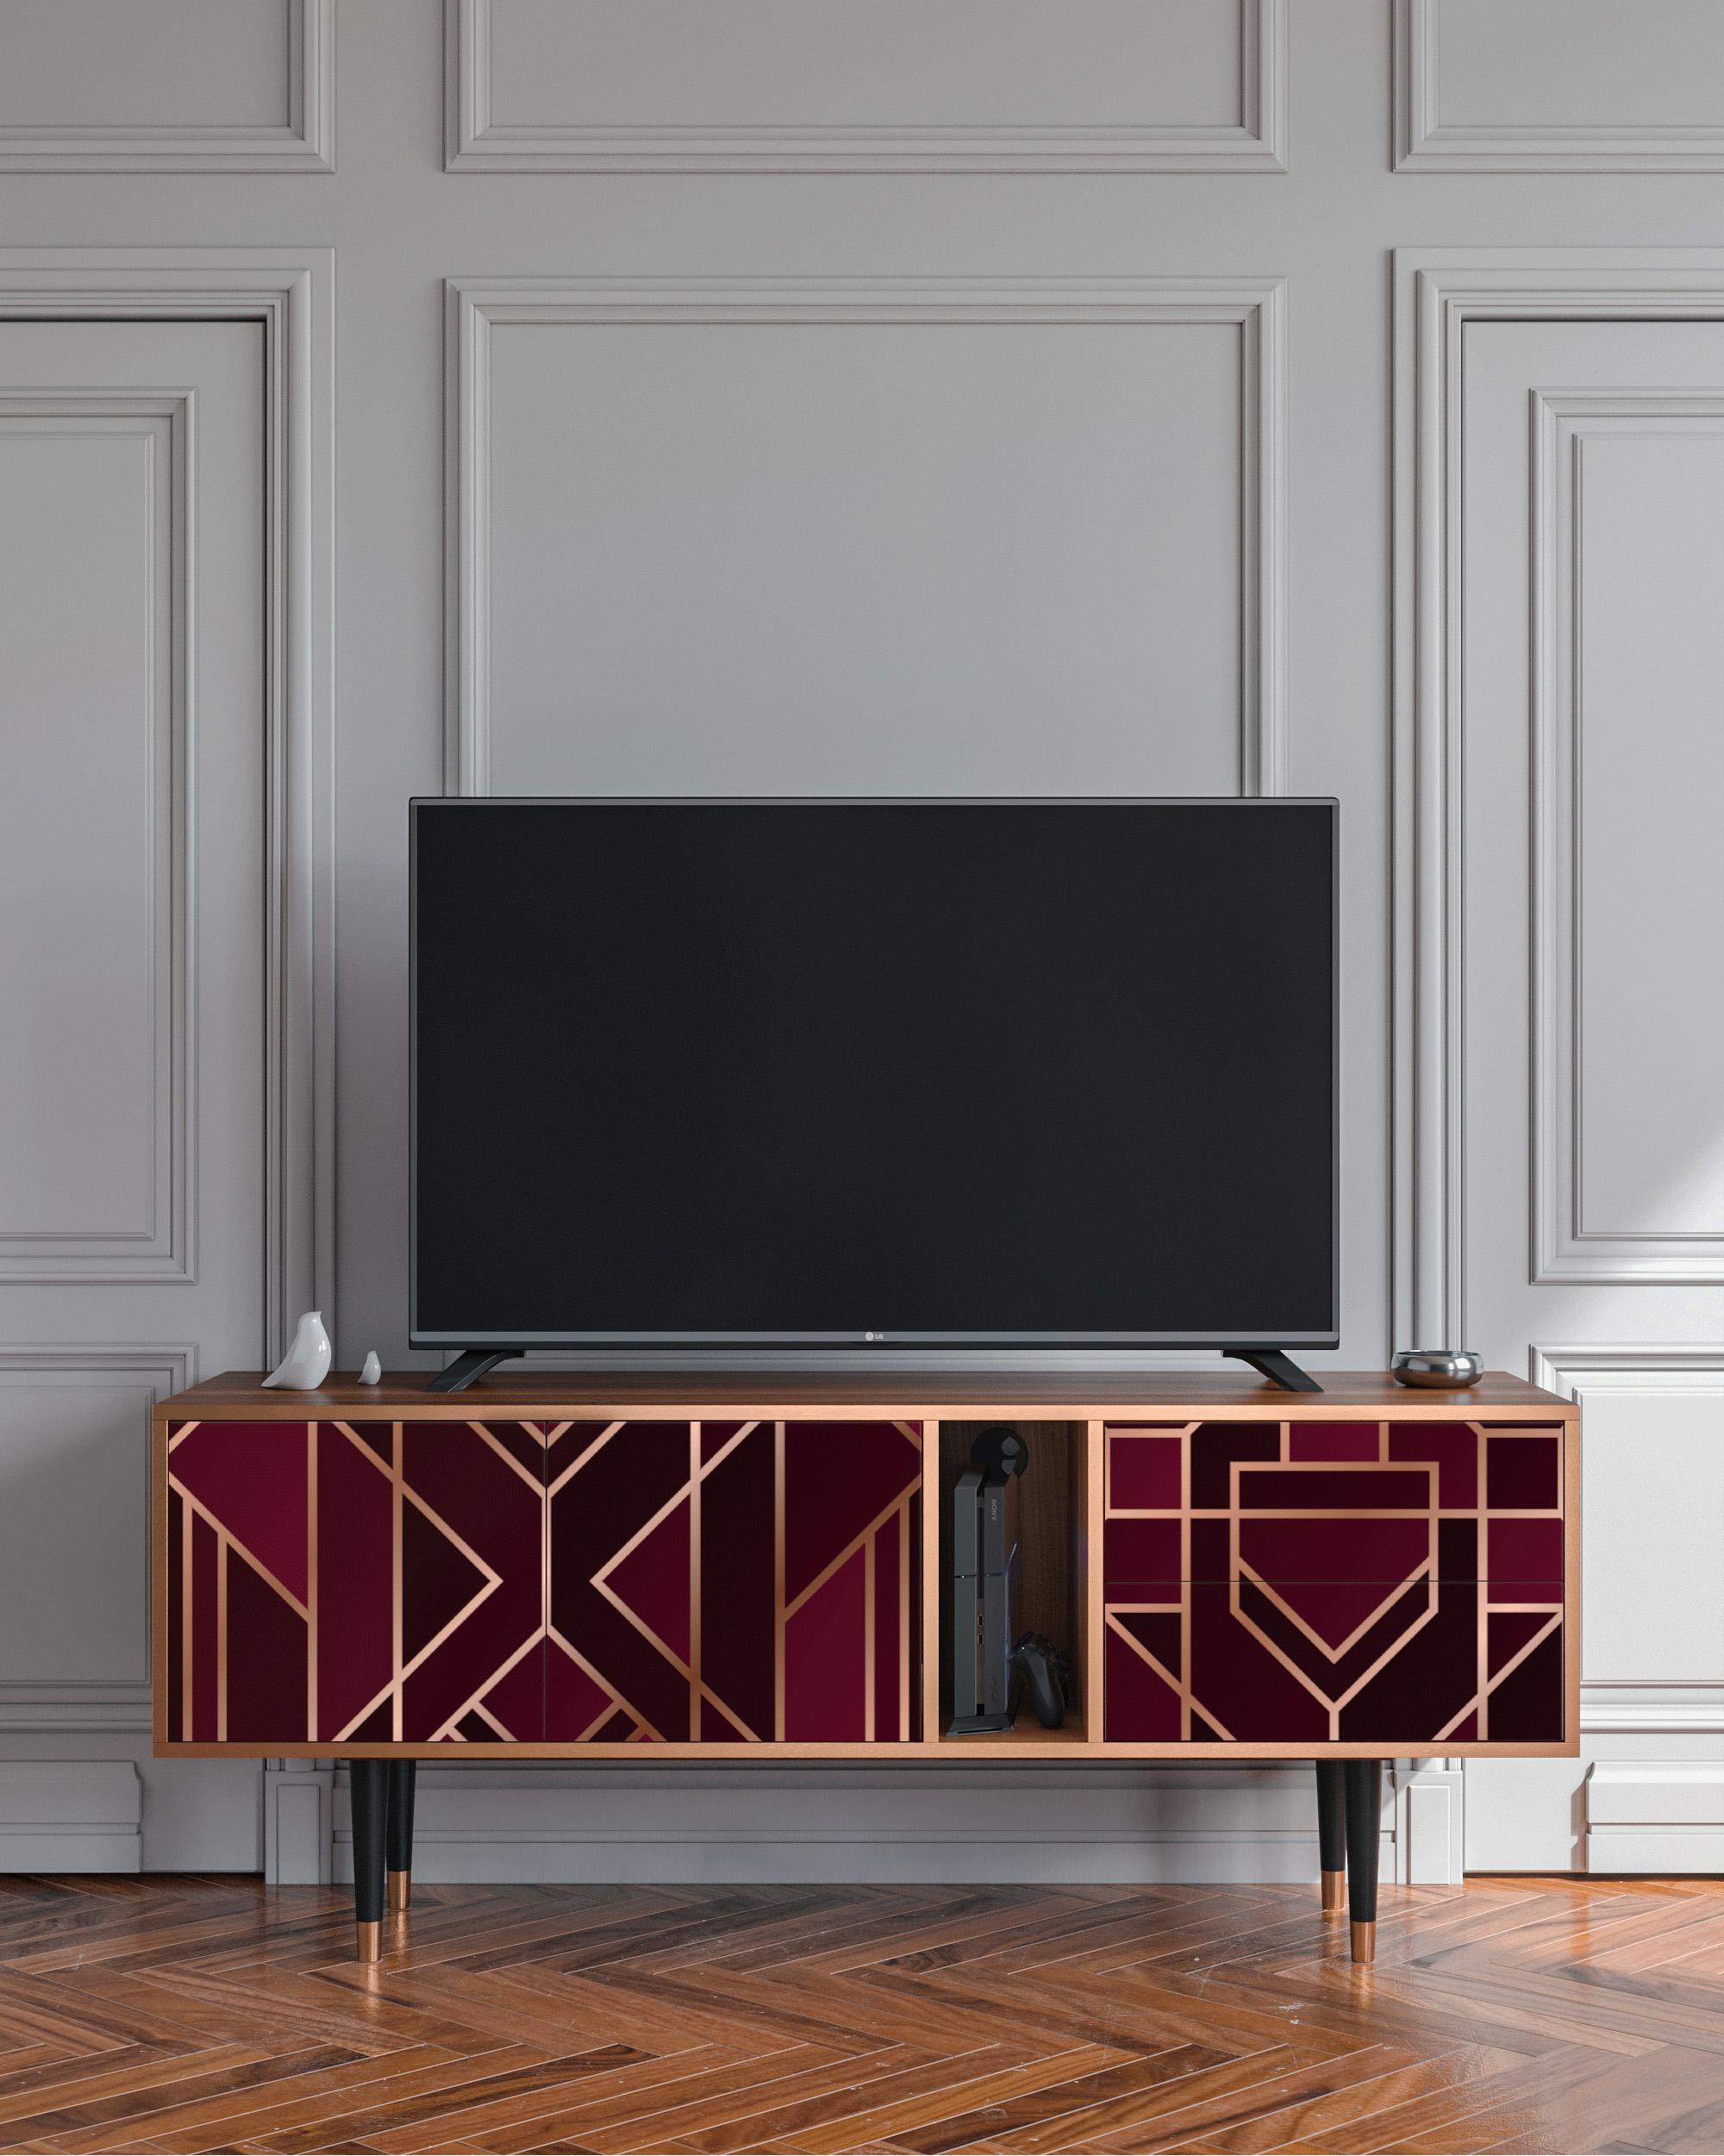 Meuble TV bordeaux 170cm 2 tiroirs et 2 portes